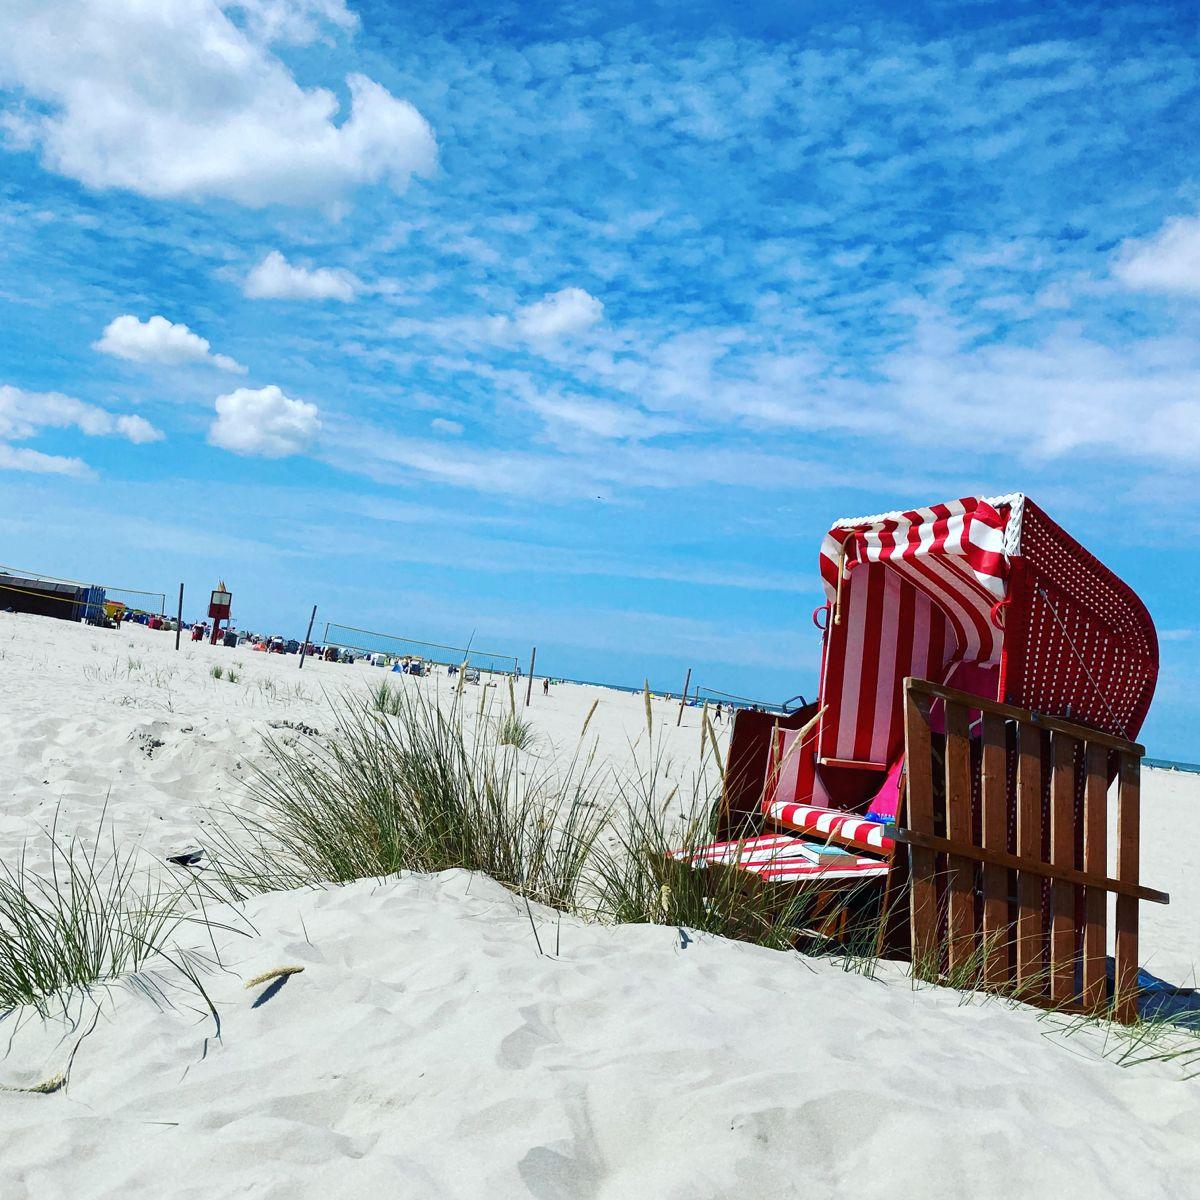 Strandkorb am Strand von Juist in 2020 | Schönen urlaub